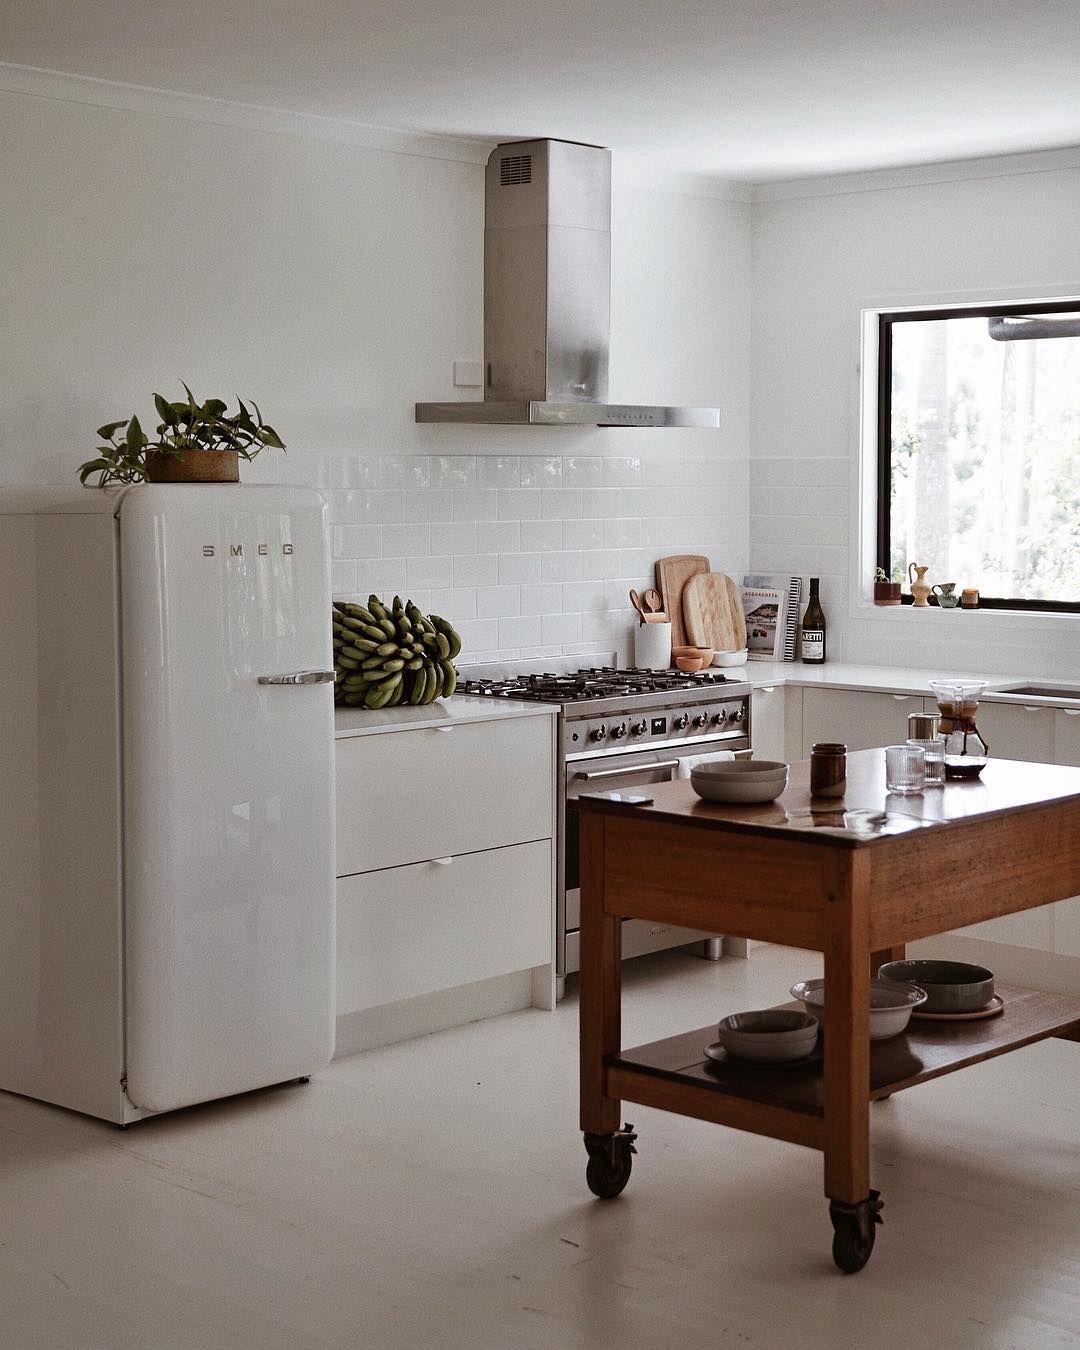 Kitchen Design Minimalist: 10 Elegant Minimalist Kitchen Ideas, Best For Simple